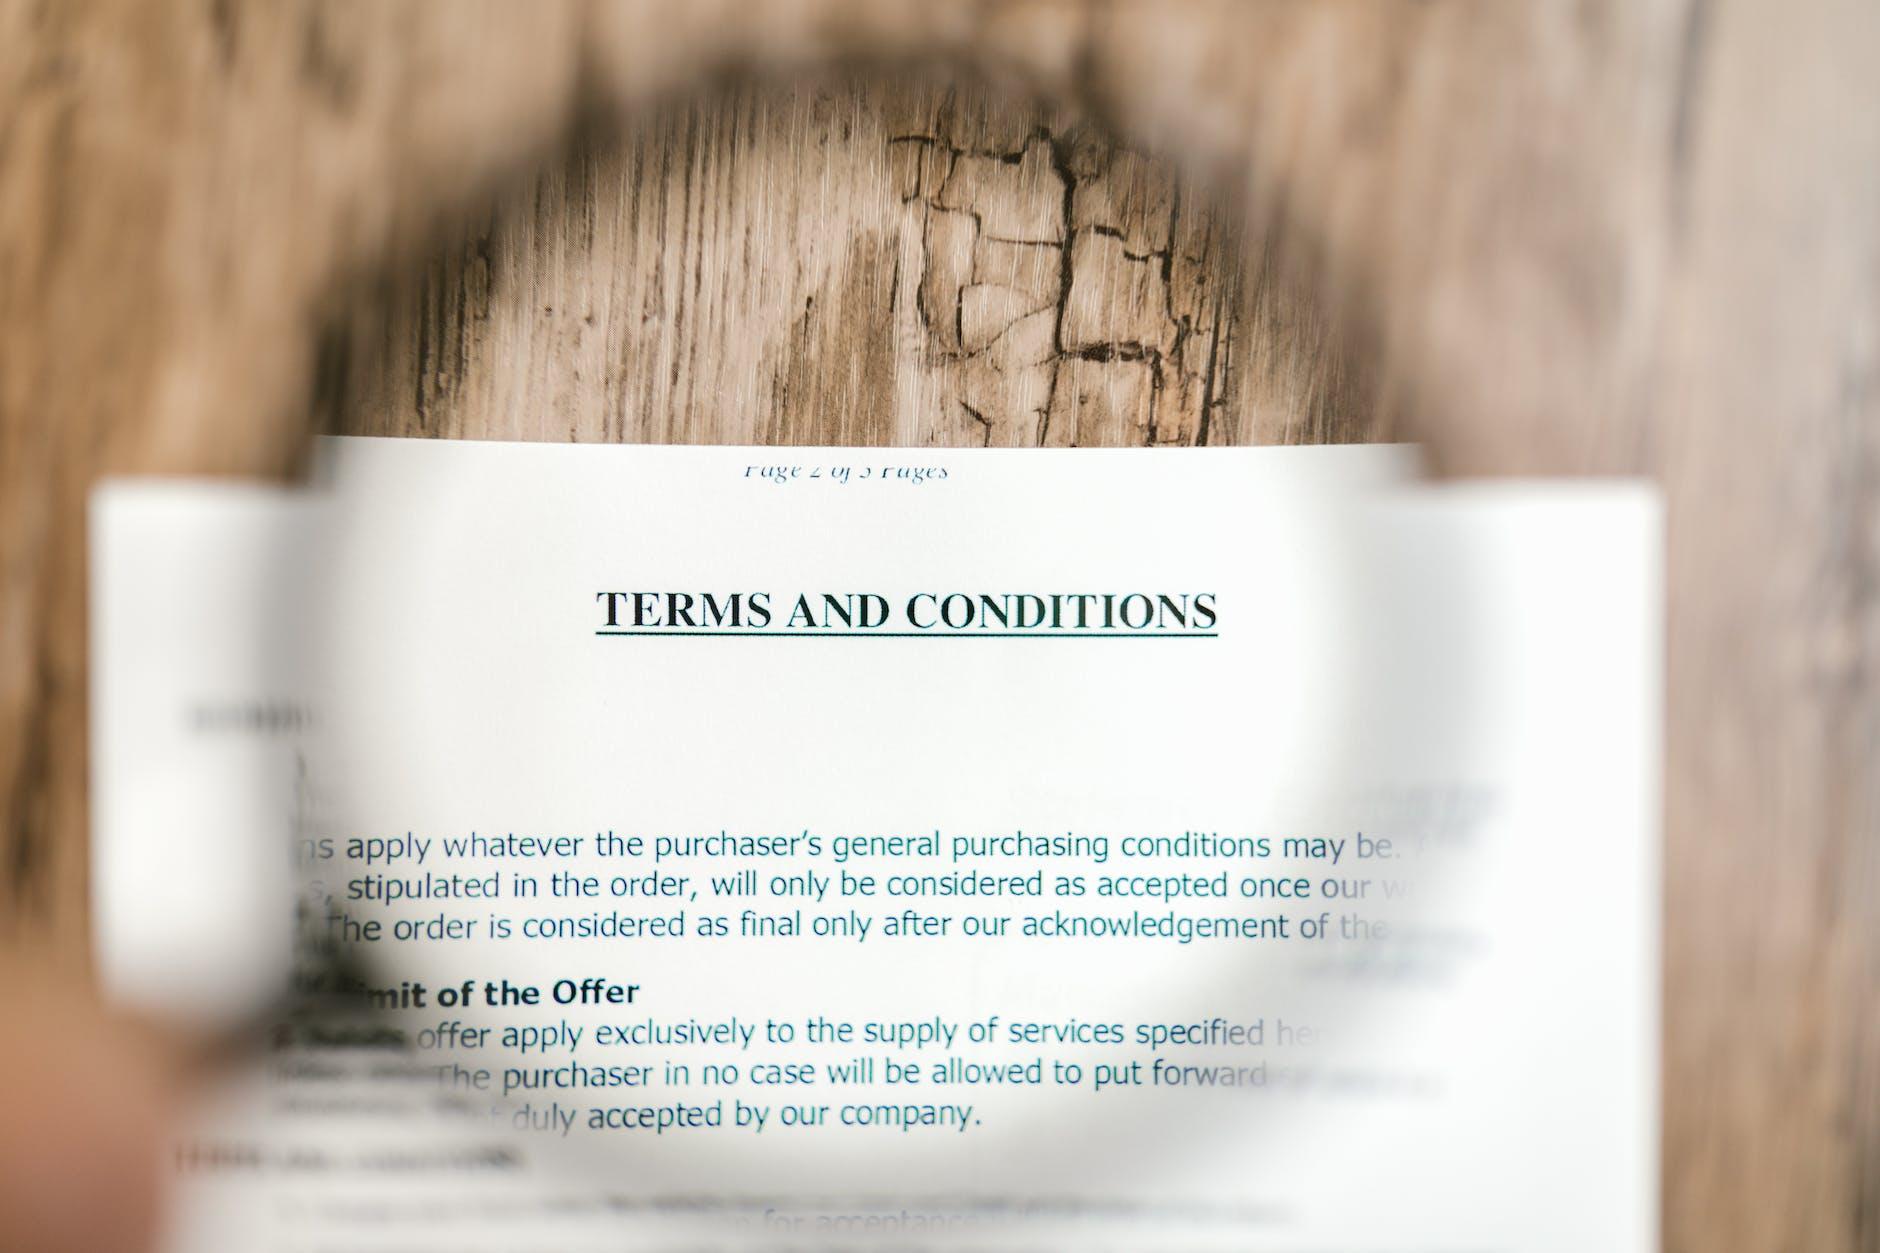 Broker asuransi mempersiapkan kontrak asuransi sesuai kebutuhan nasabah